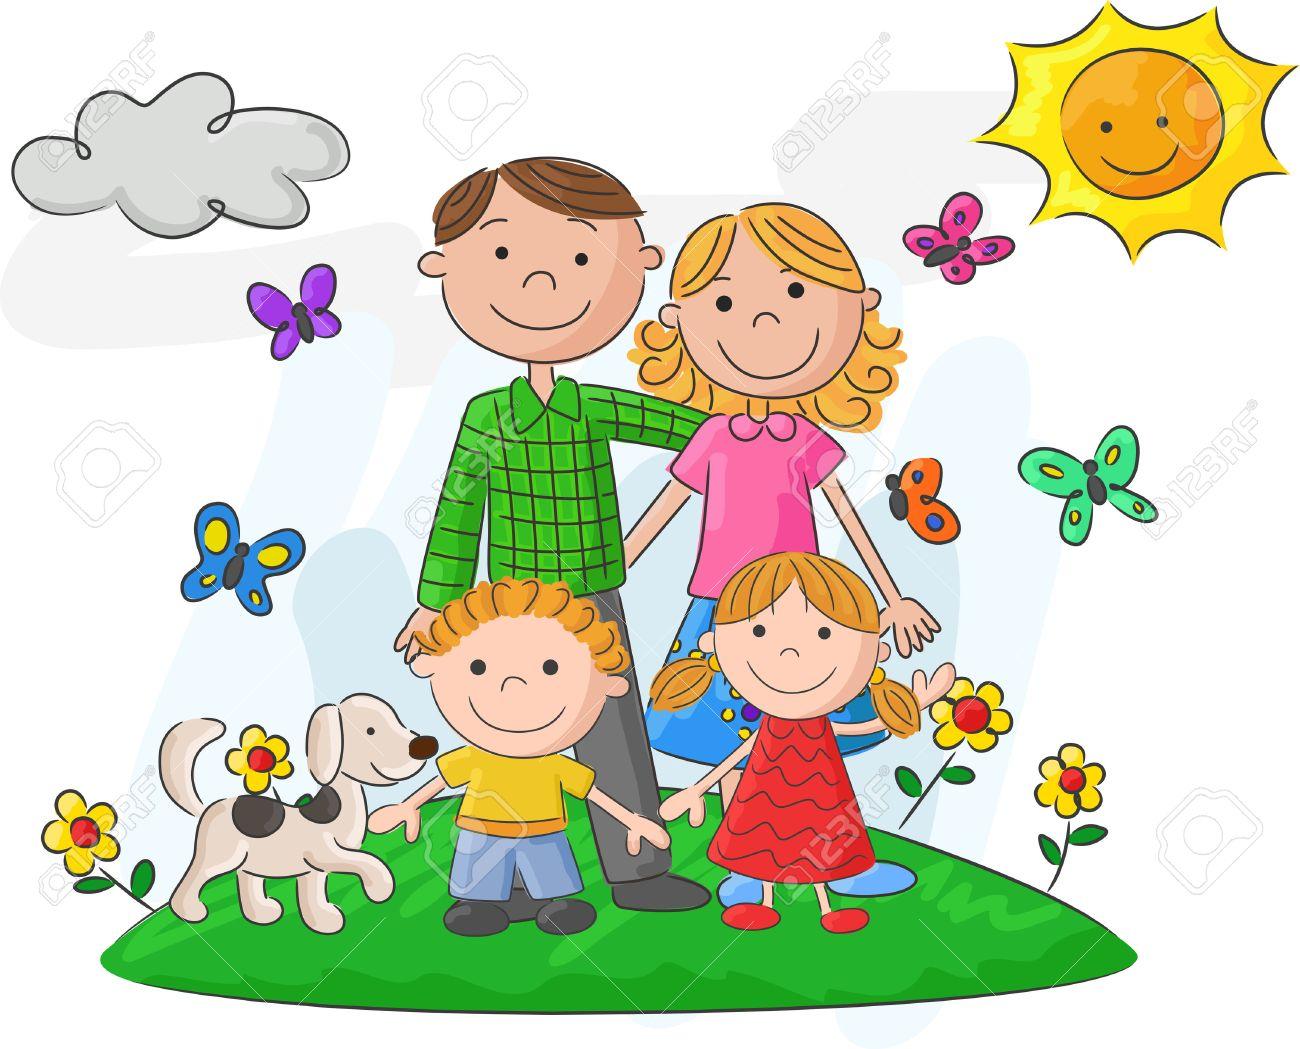 Resultado de imagen para imagenes de familias felices animadas jugando